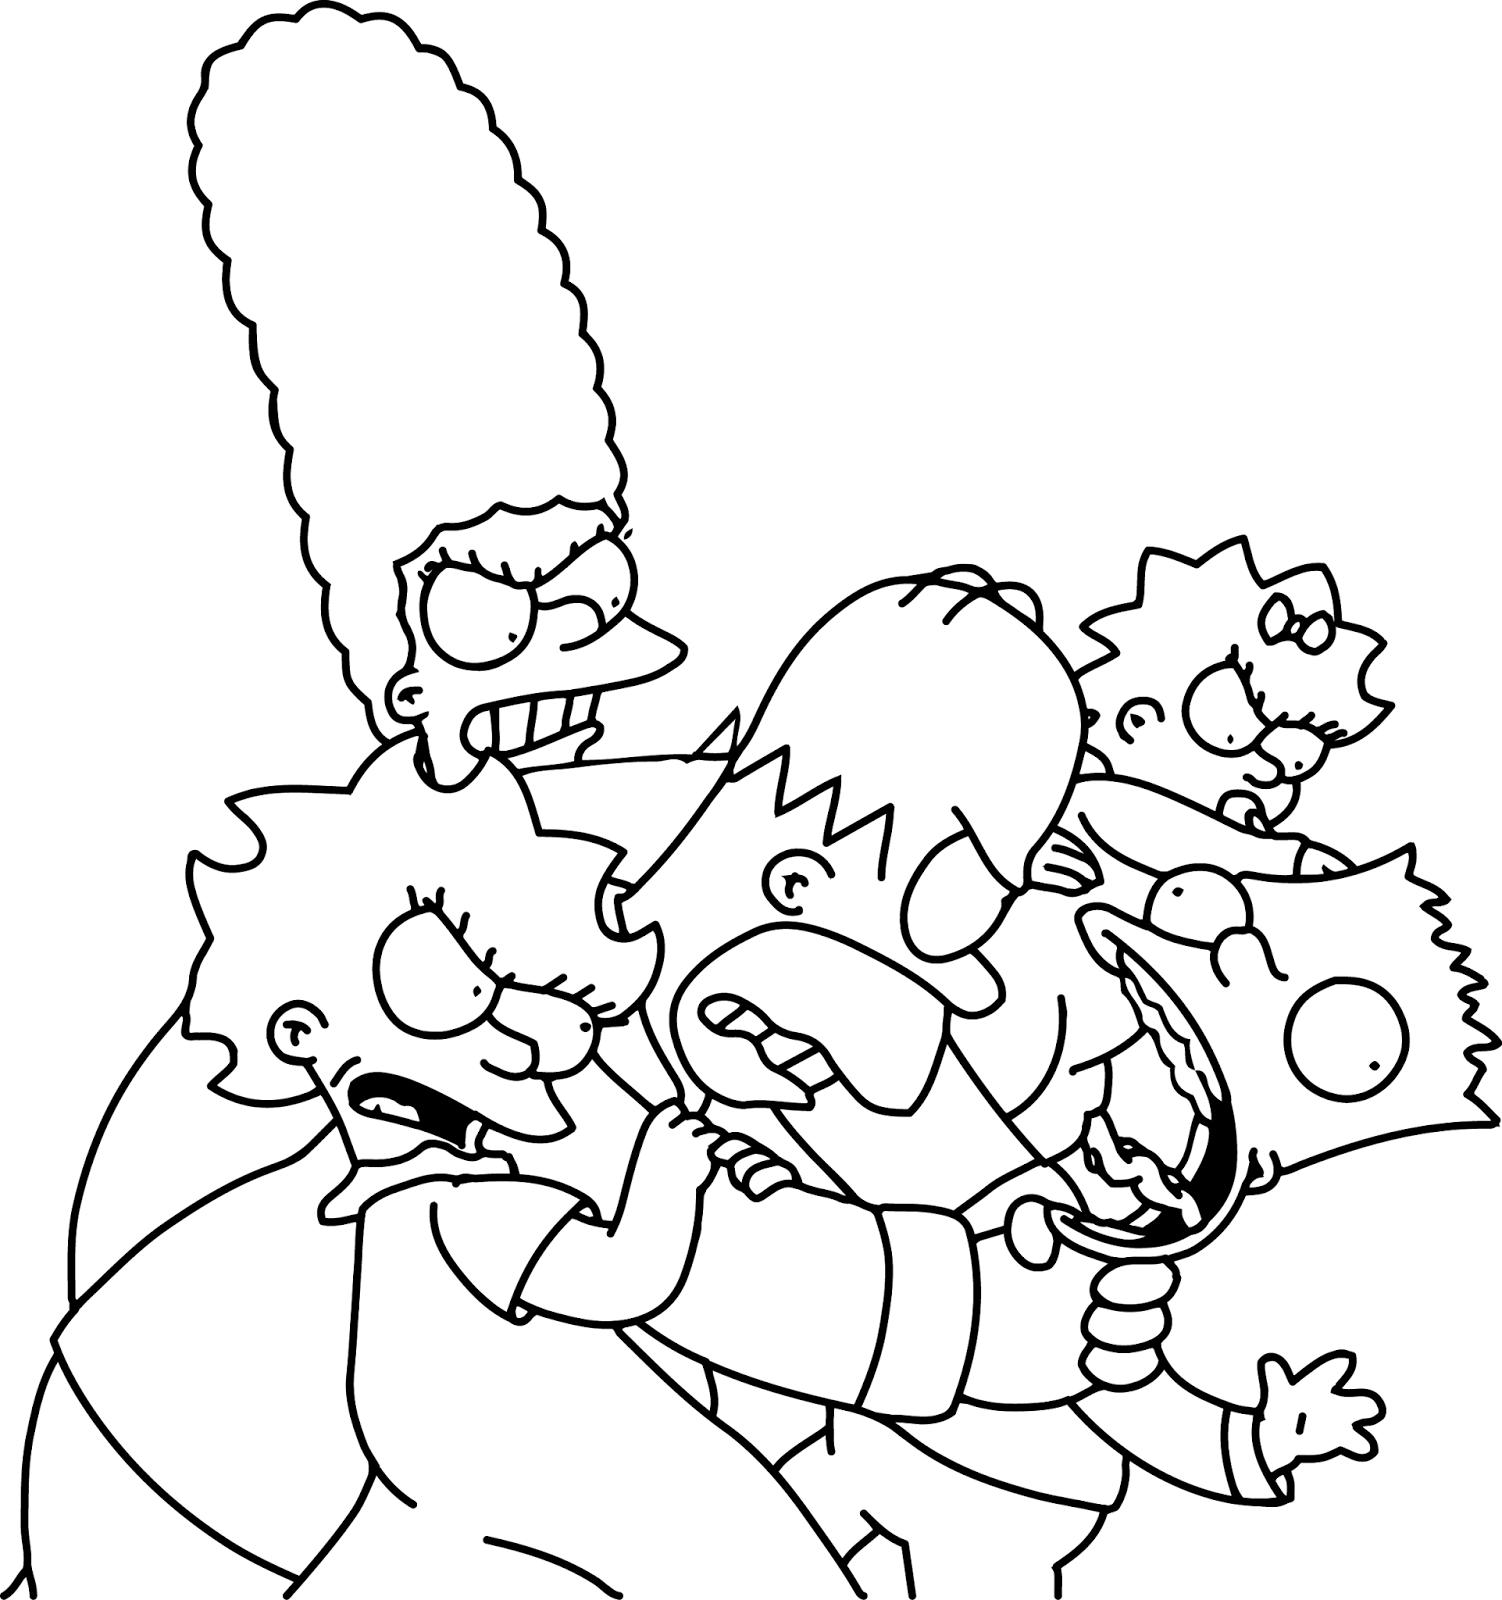 Páginas para colorear originales Original coloring pages: The ...